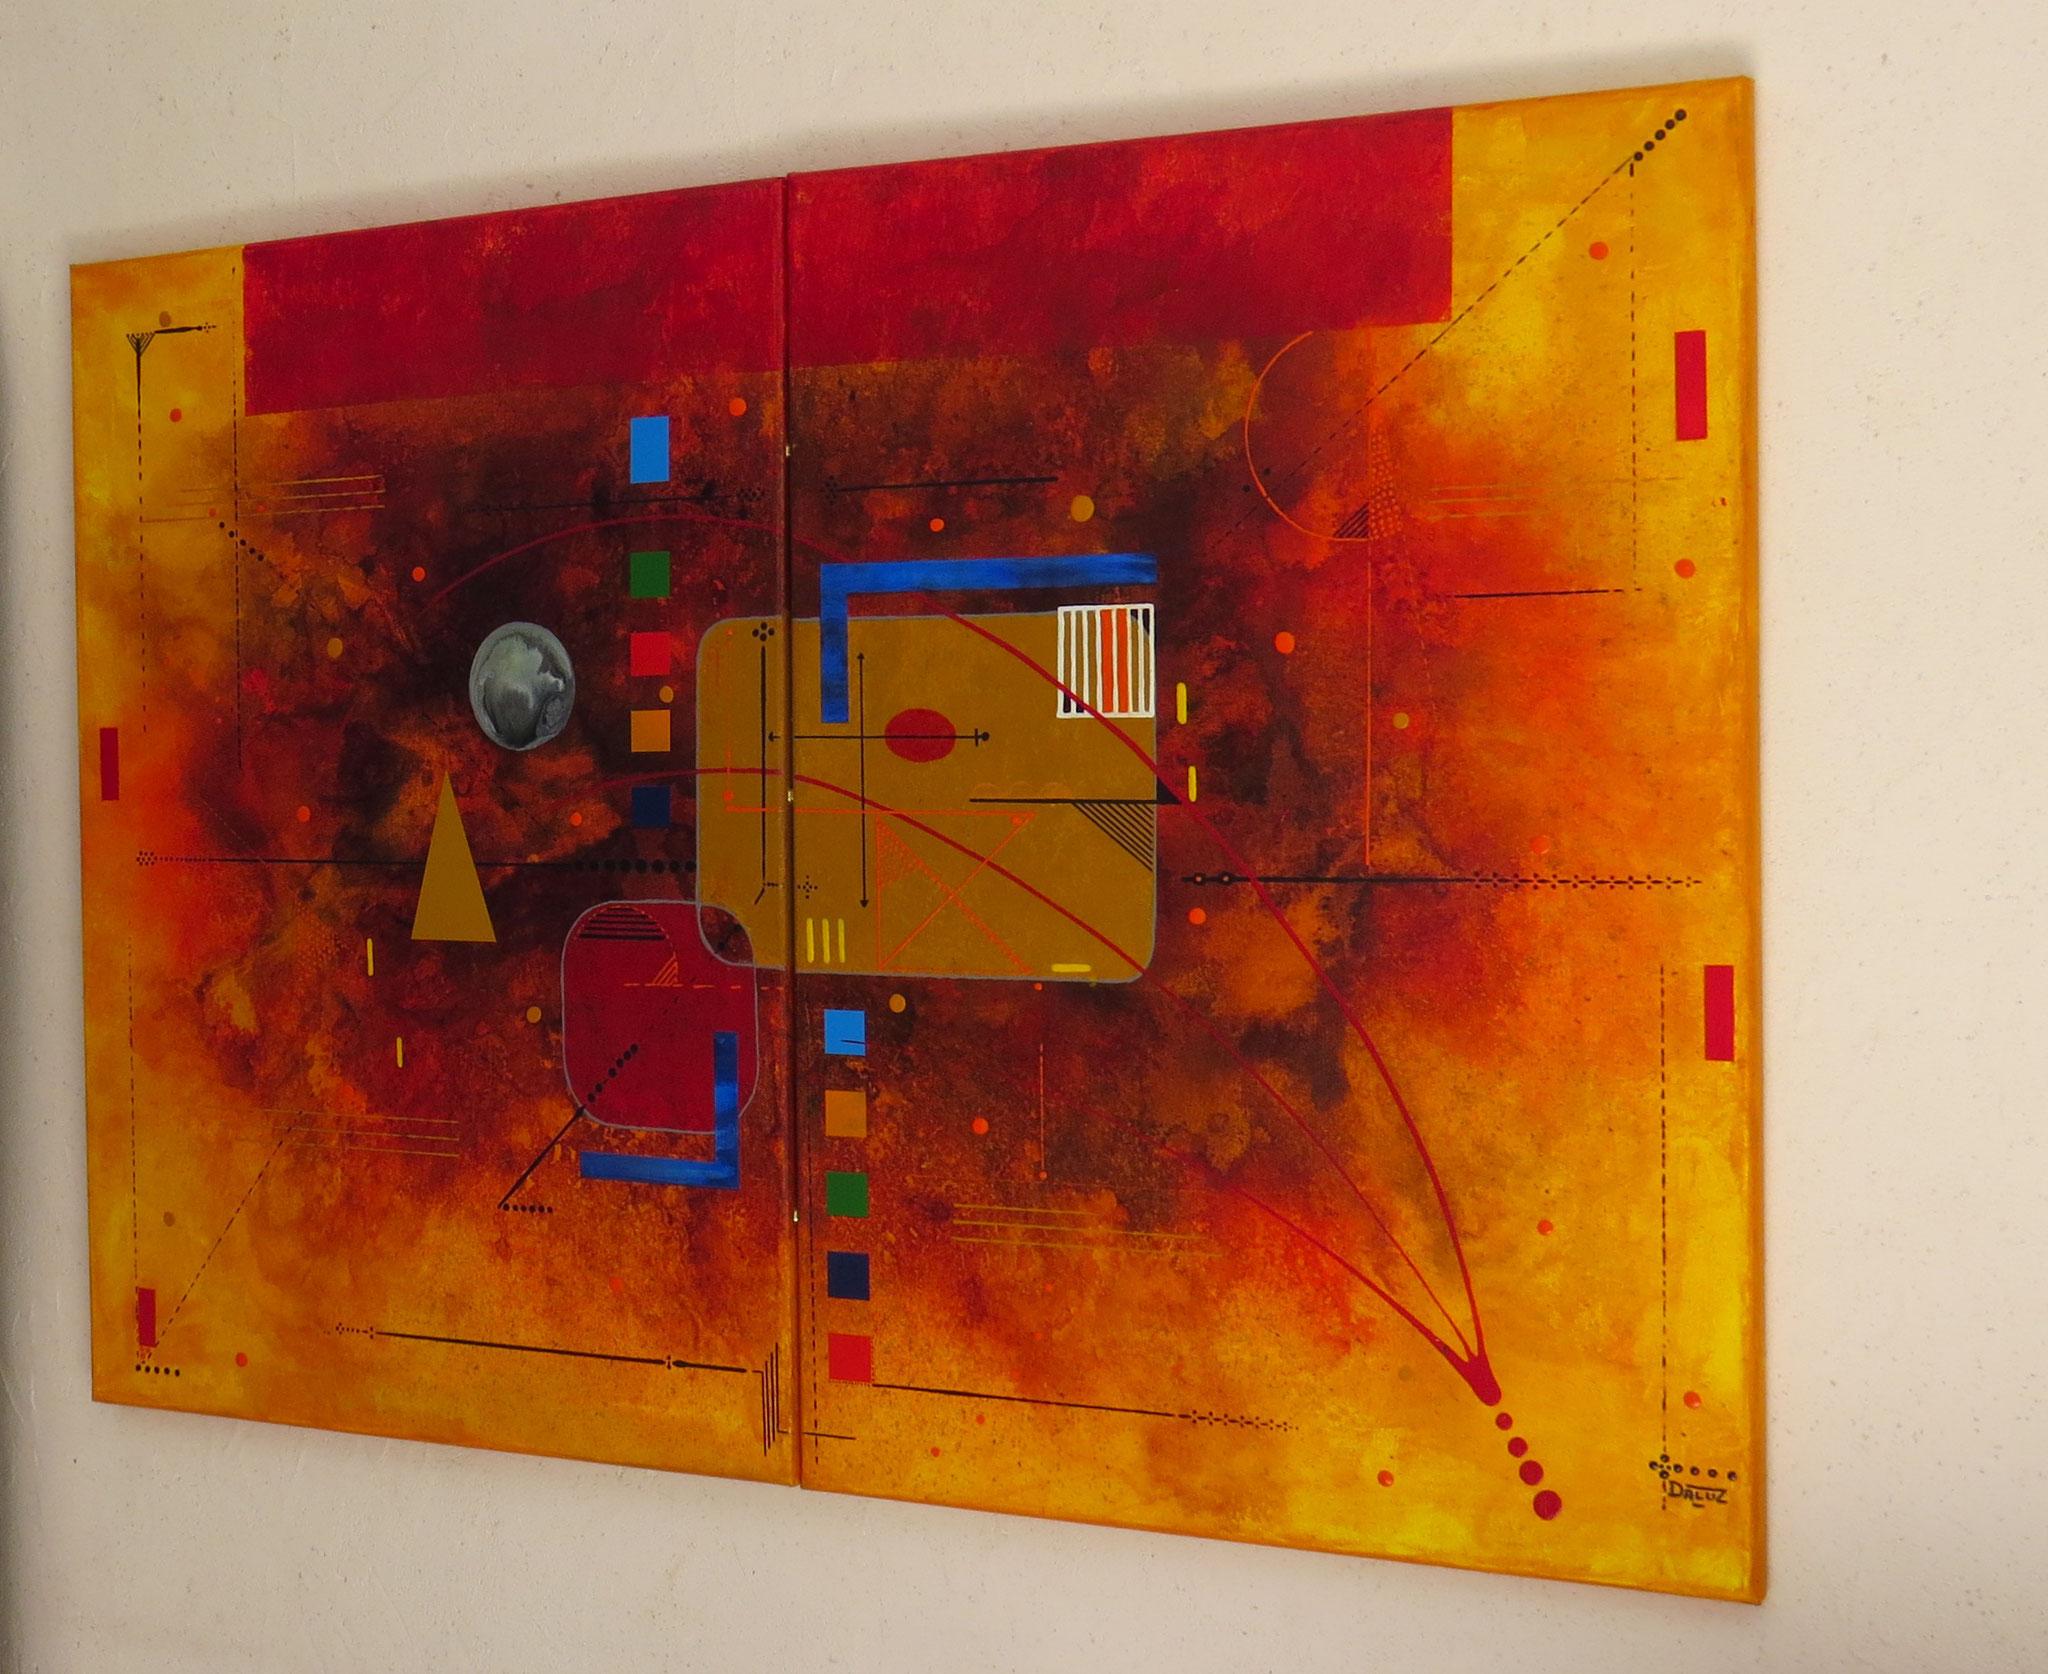 delta - vue côté2 - DALUZ GALEGO - peinture abstraite